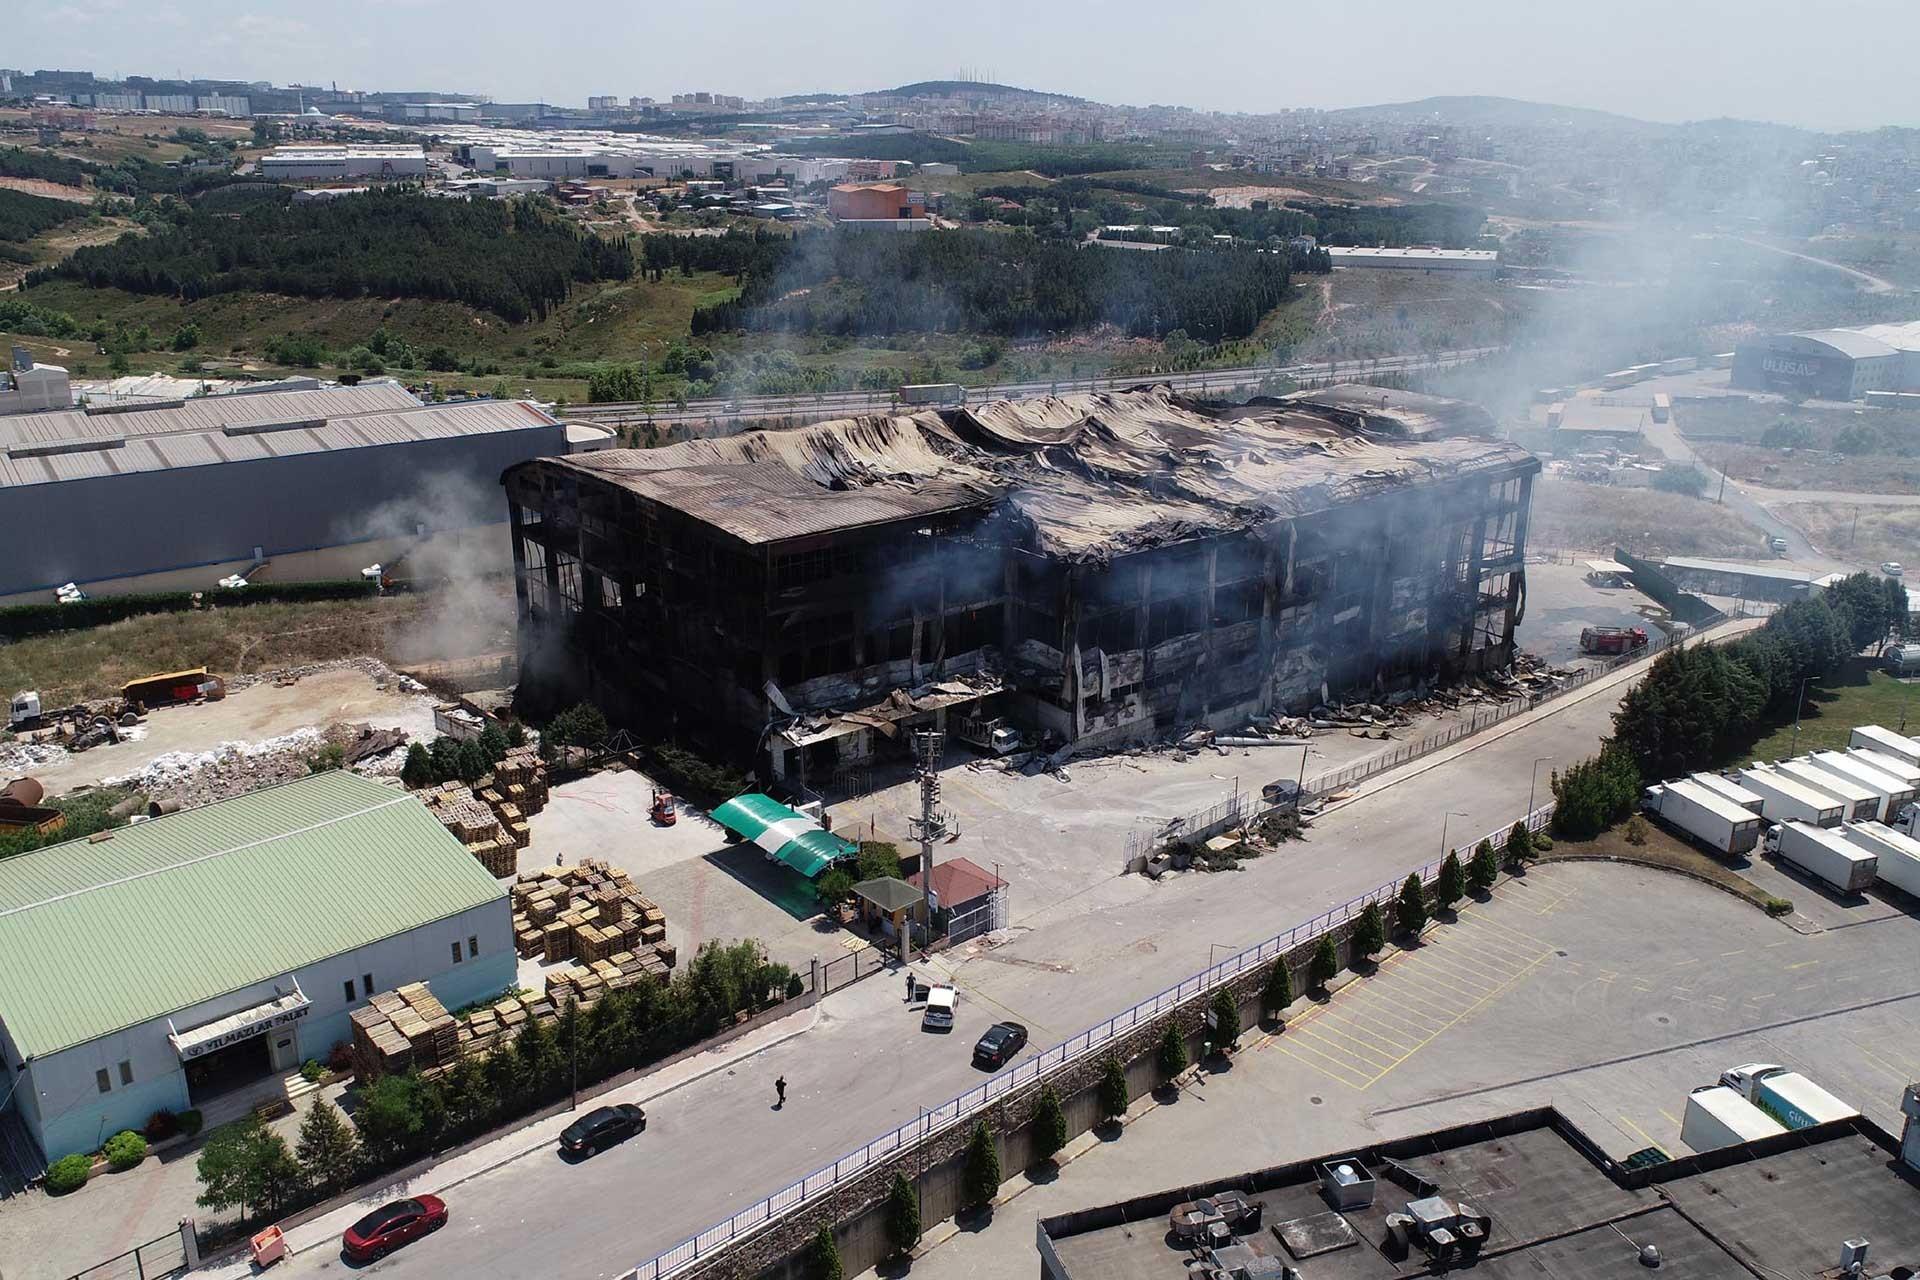 Akpınar Tekstil yangını: Katliamdaki ihmaller TBMM'ye taşındı